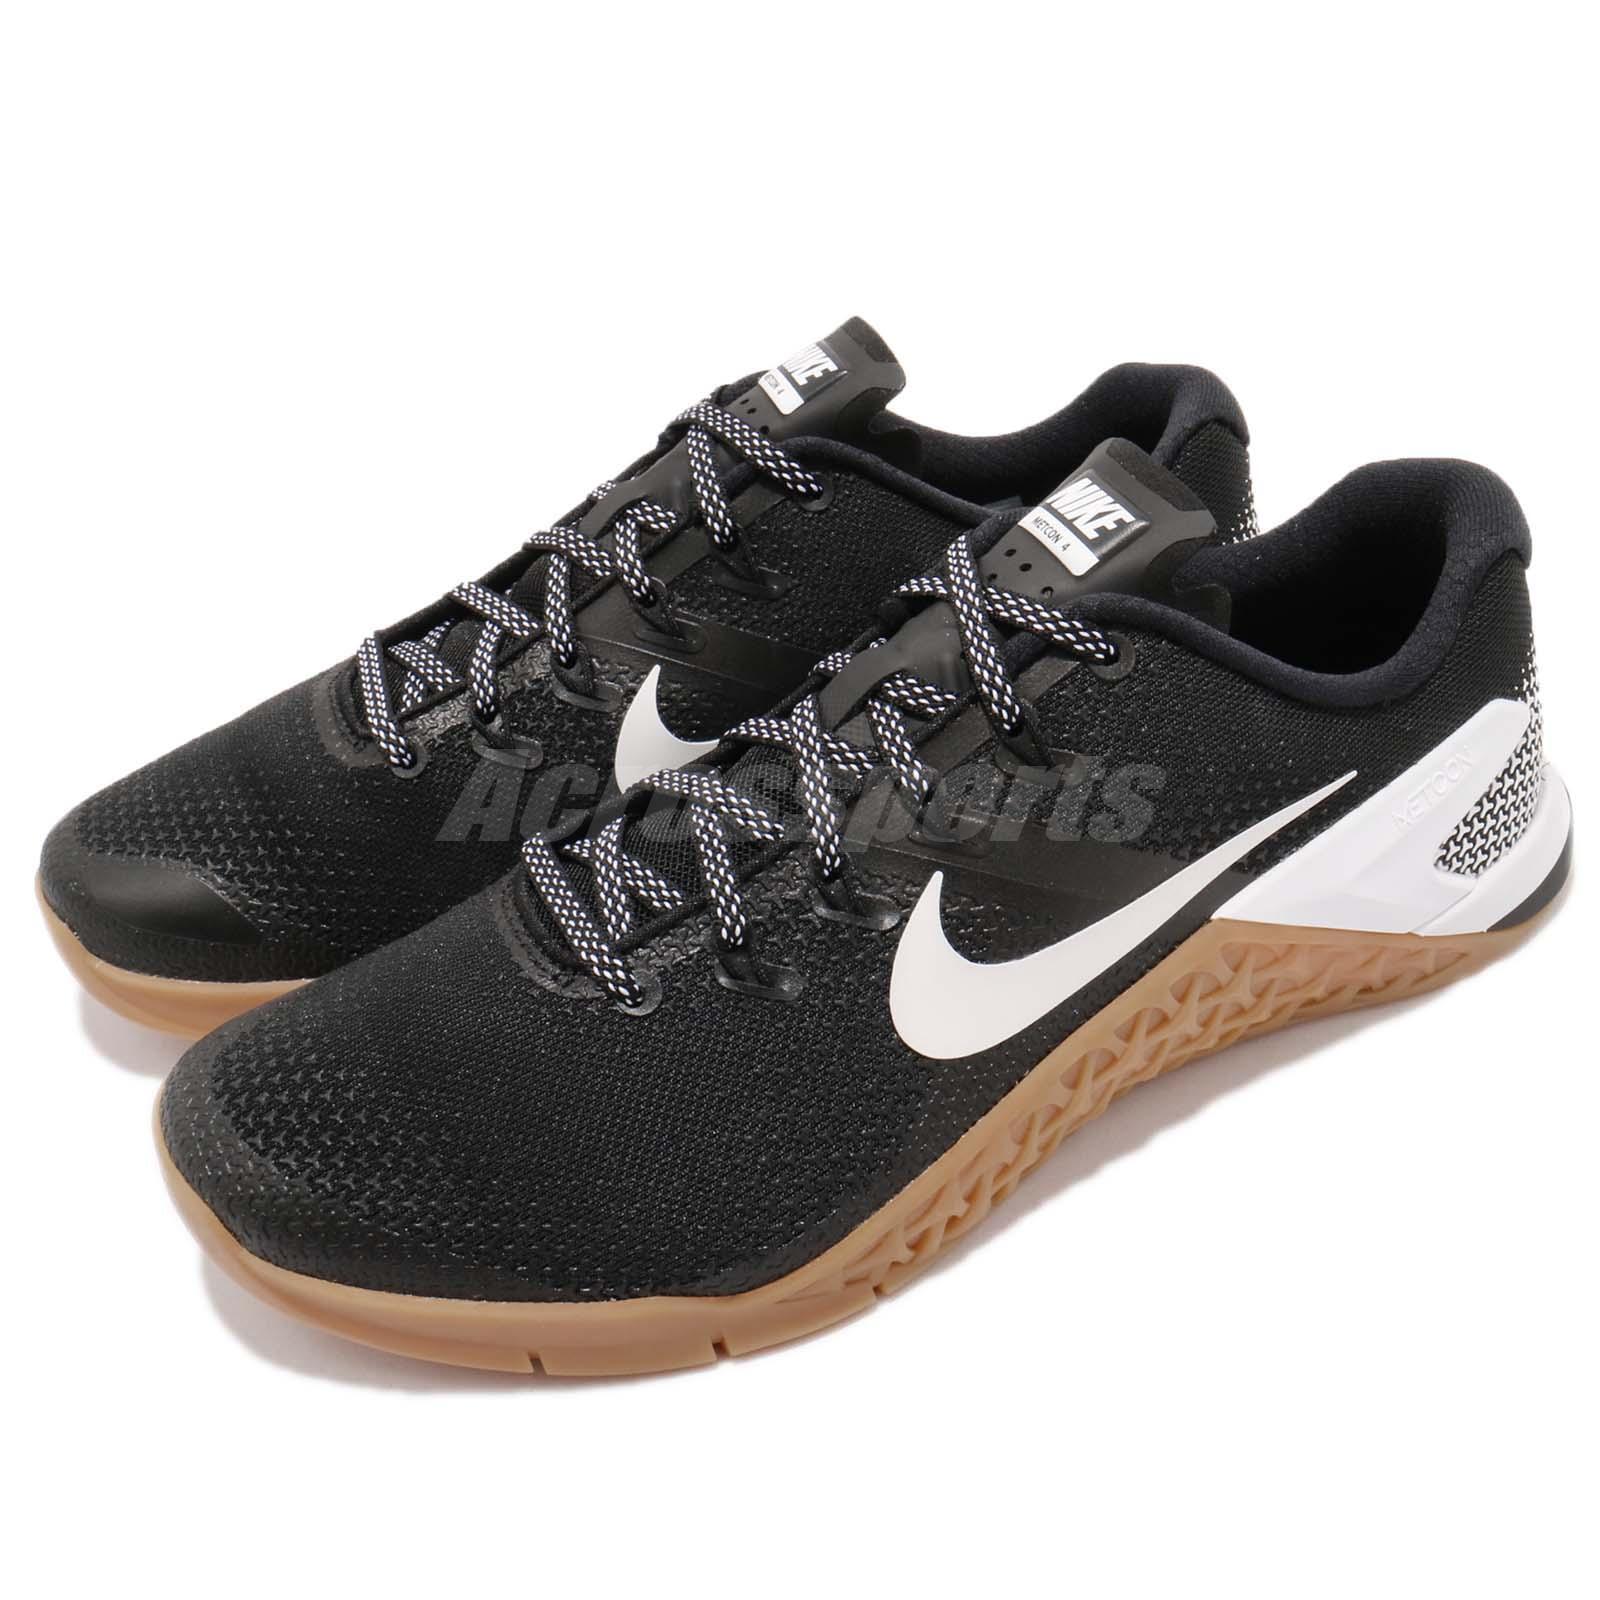 Nike Metcon 4 IV noir blanc Gum homme Cross Training chaussures Sneakers AH7453-006